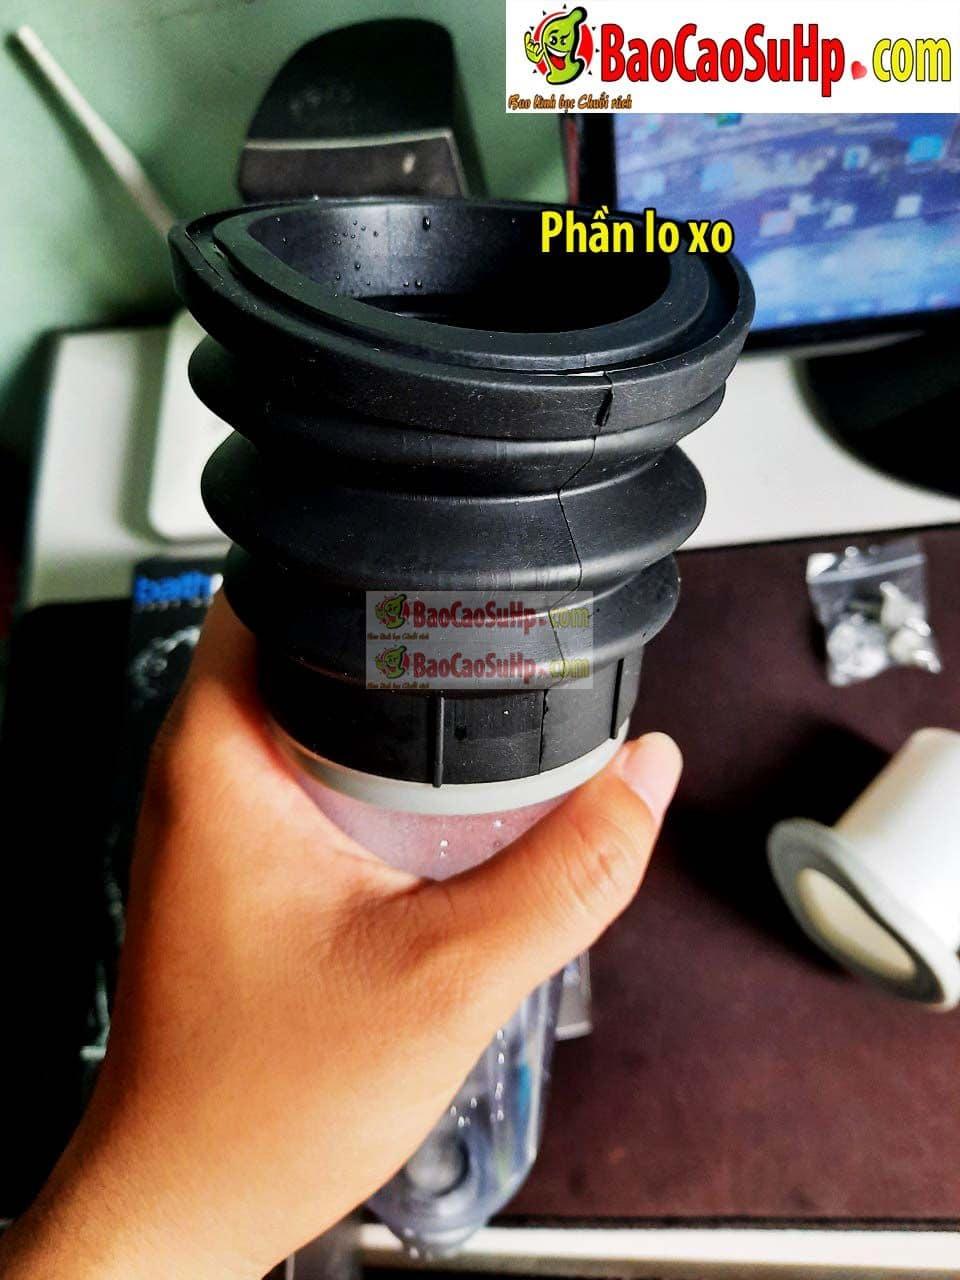 20200417115056 5003846 huong dan su dung may tap bathmate hydromax pump x30 8 - Cách sử dụng Máy tập dương vật Bathmate Hydromax Pump X30 đúng cách và hiệu quả.